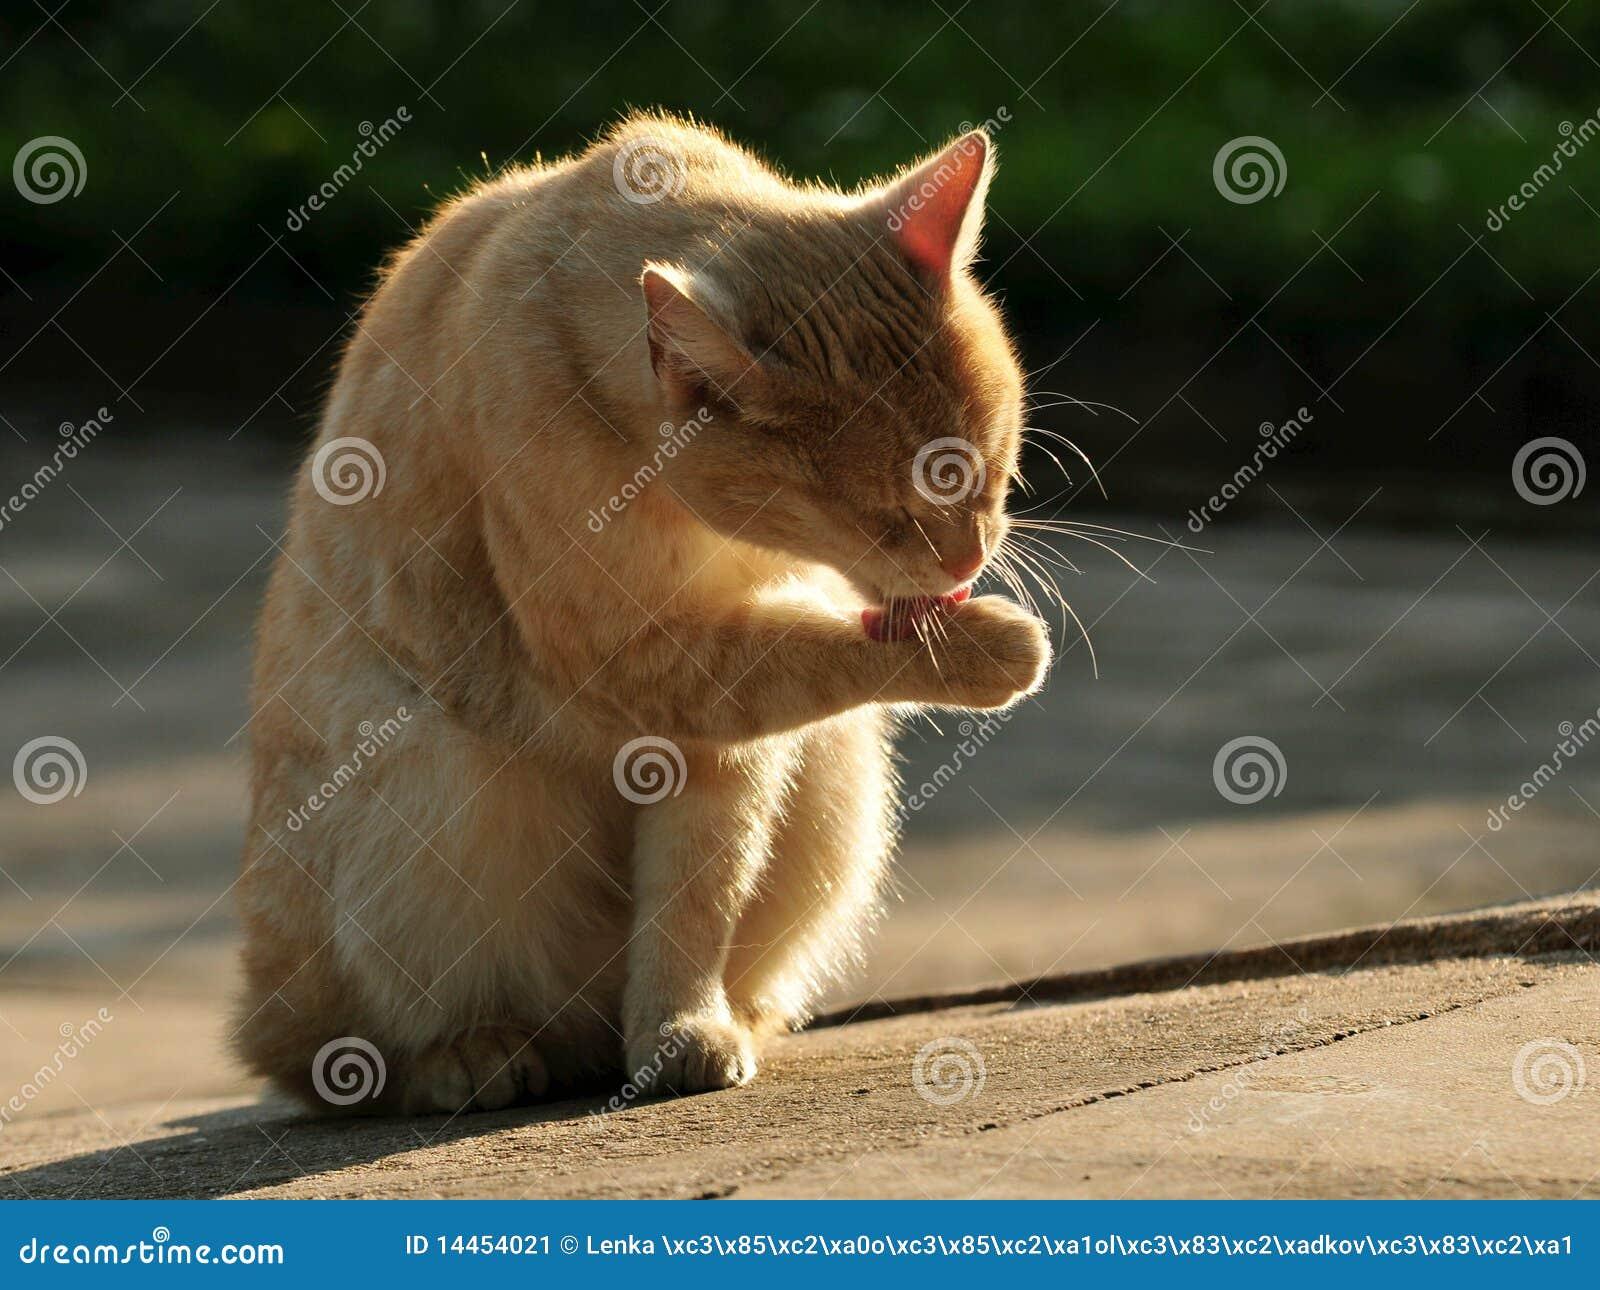 Lavaggio del gatto - Immagine del gatto a colori ...